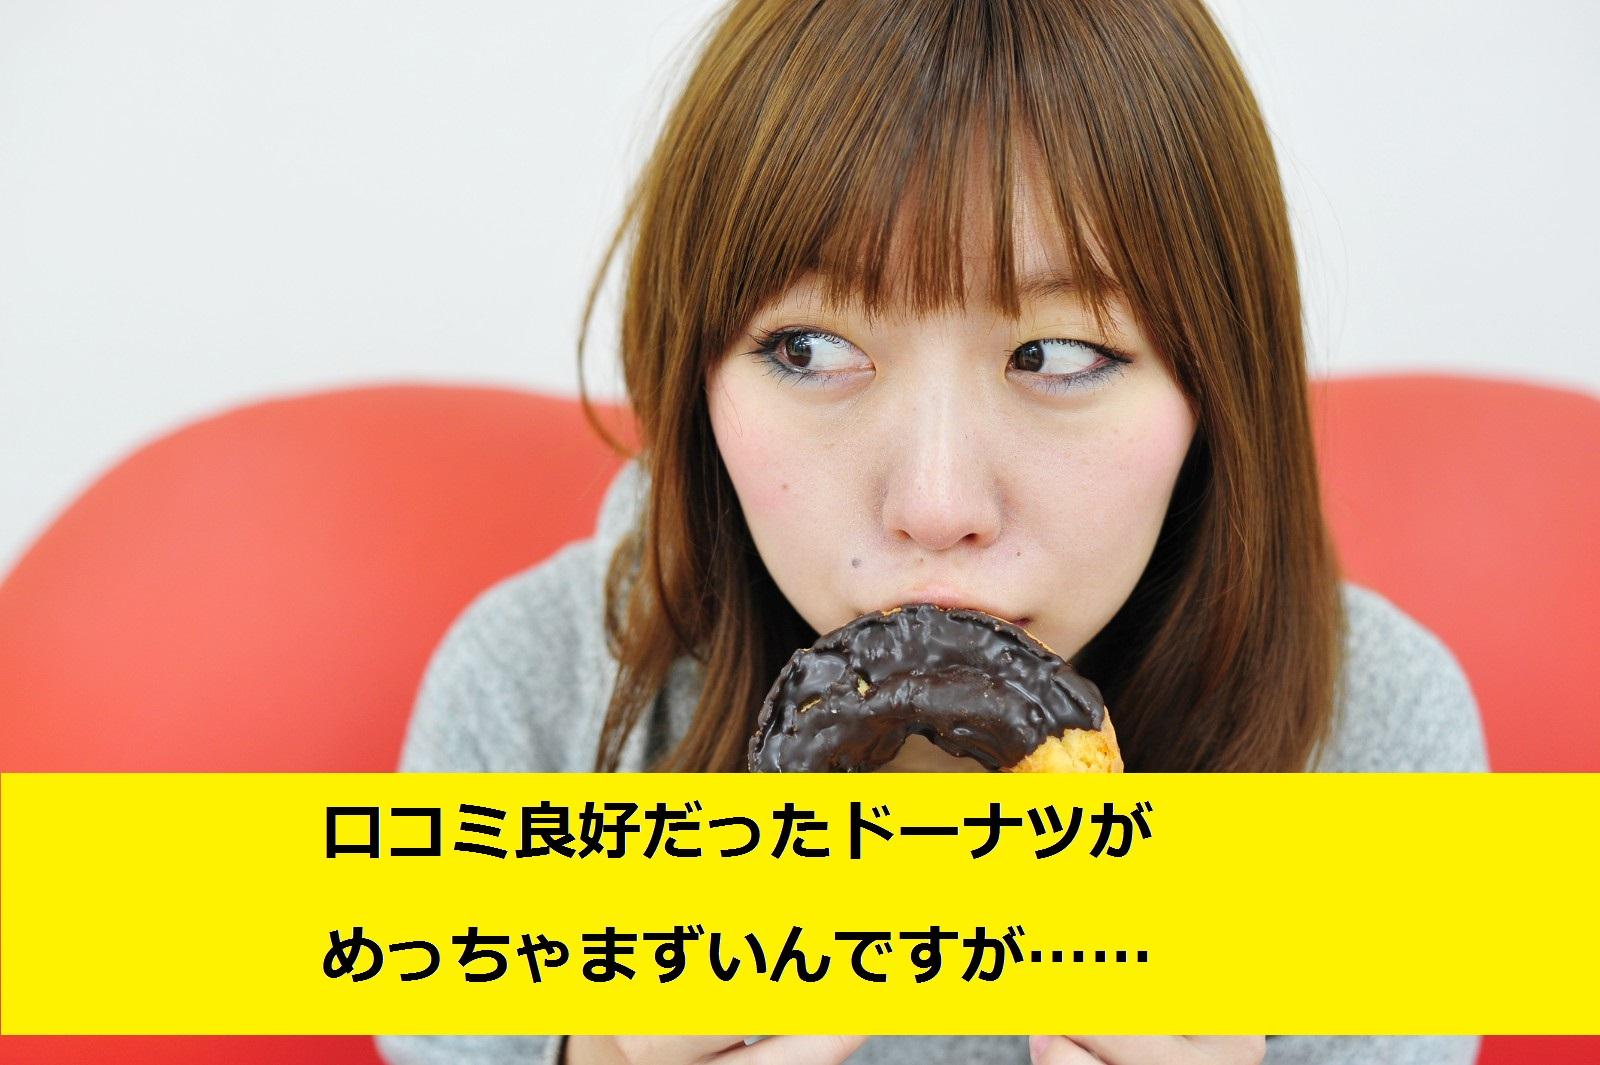 口コミ良好のドーナツが不味い